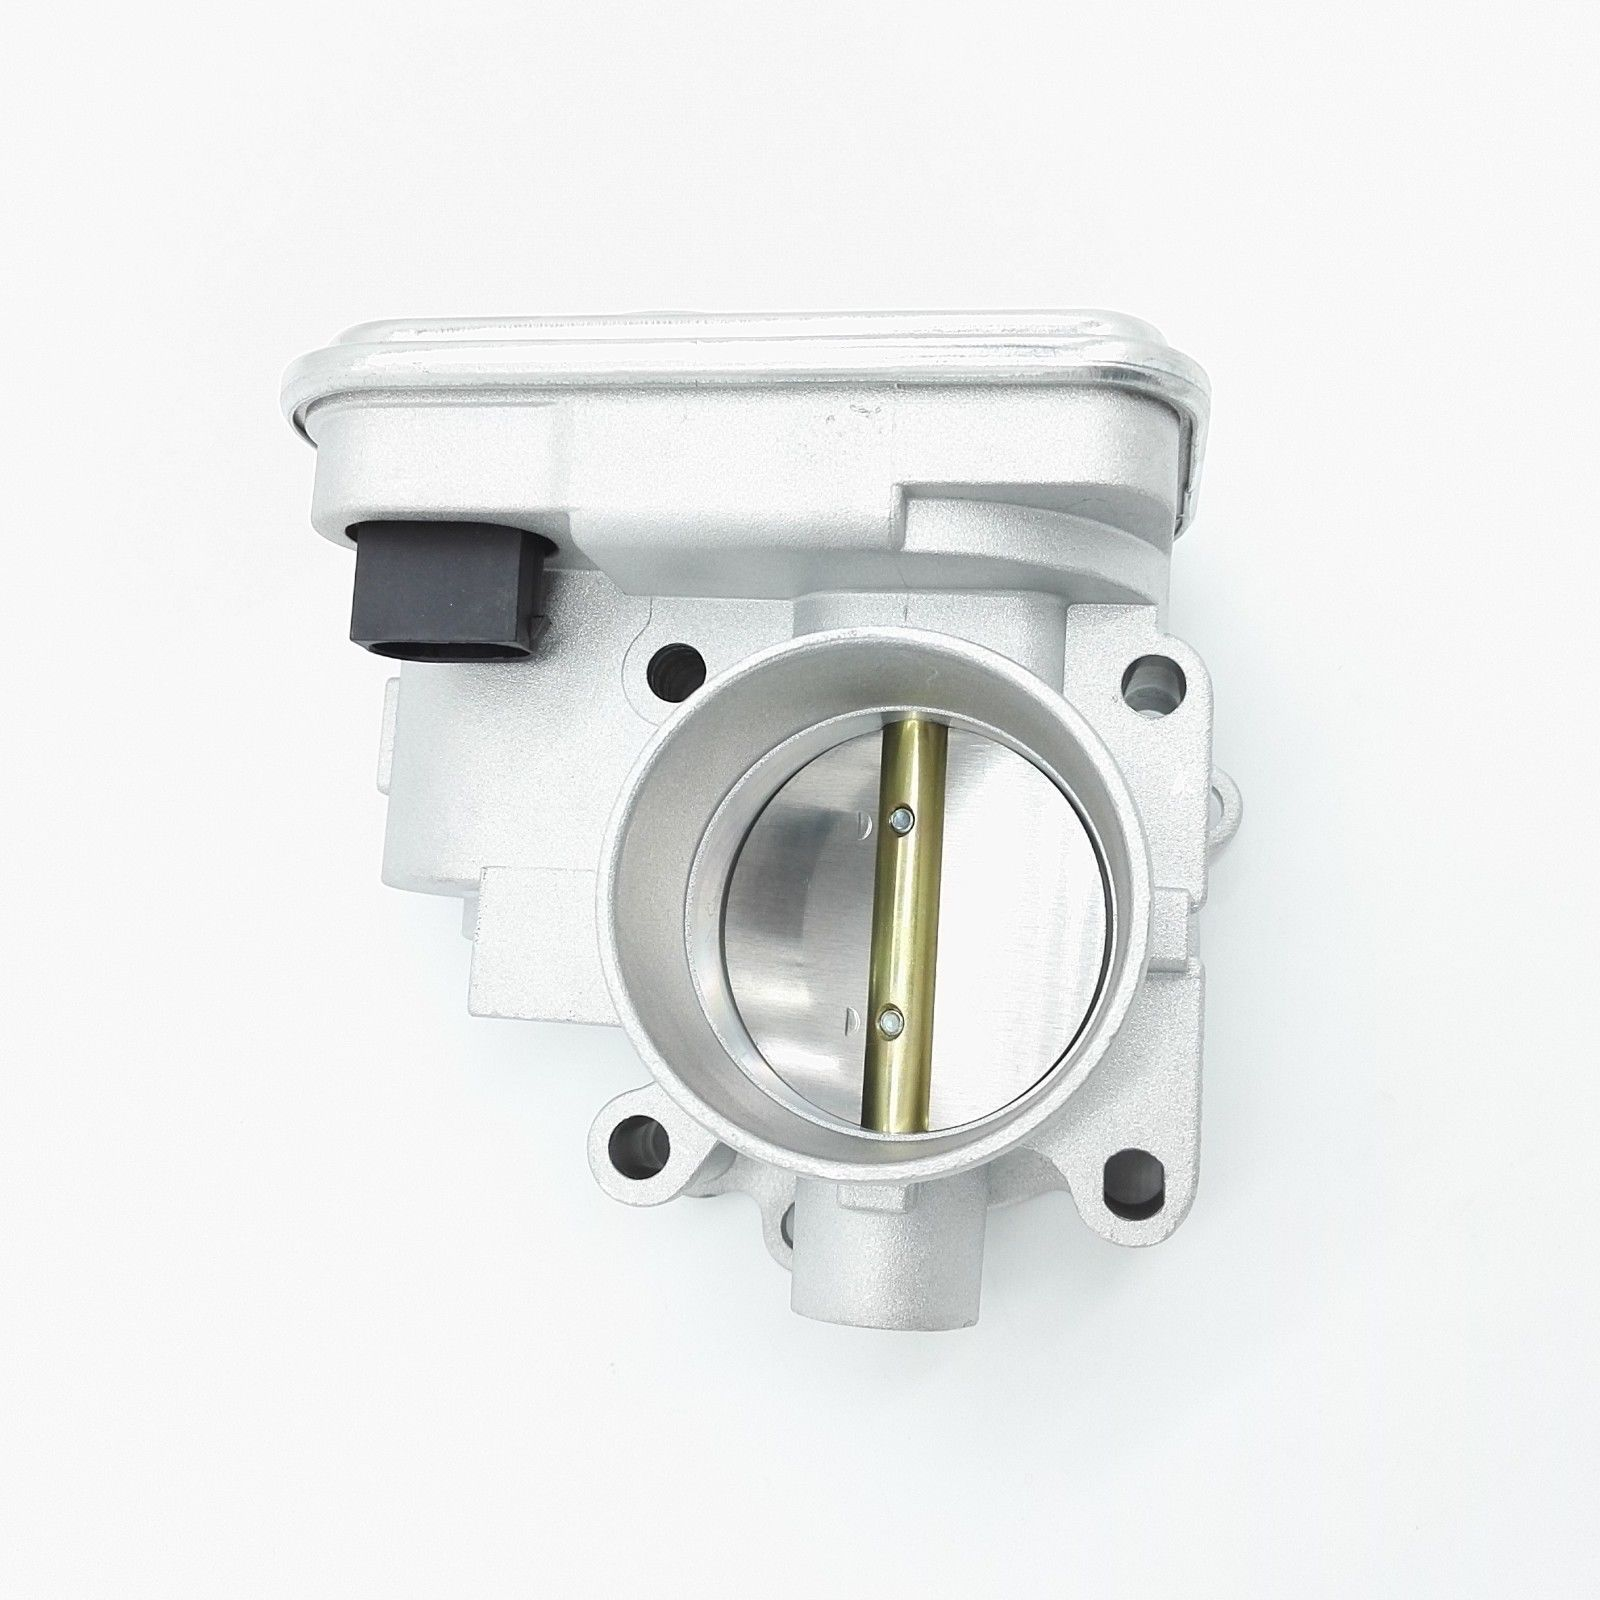 Gasoline vy Gates Gas Fuel Tank Cap for 2007-2014 Jeep Compass 2.4L 2.0L L4